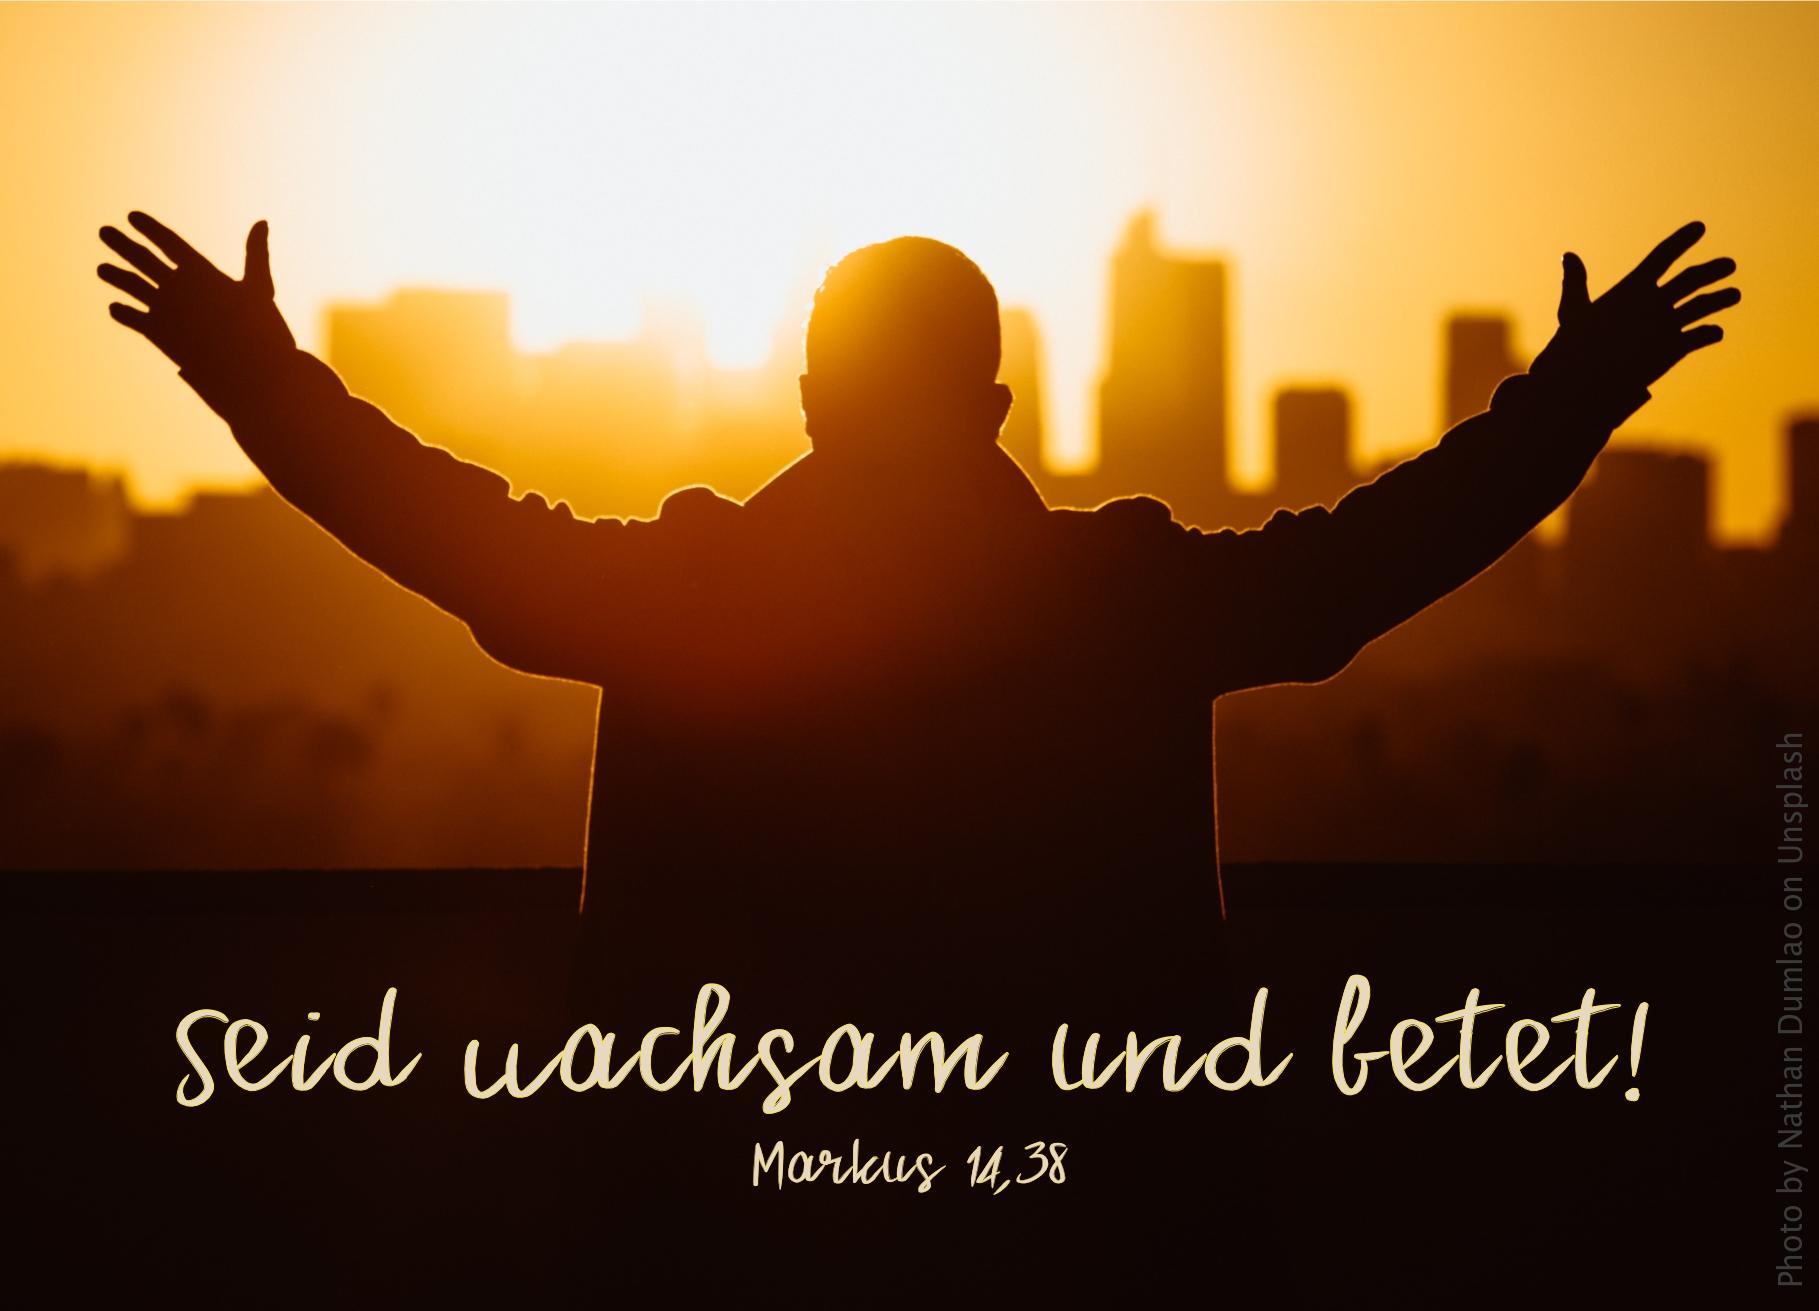 """alt=""""mann_mit_erhobenen_armen_vor_stadtsilhouette_erwartet_bibelhoerbuch_jesus_in_gethsemane"""""""